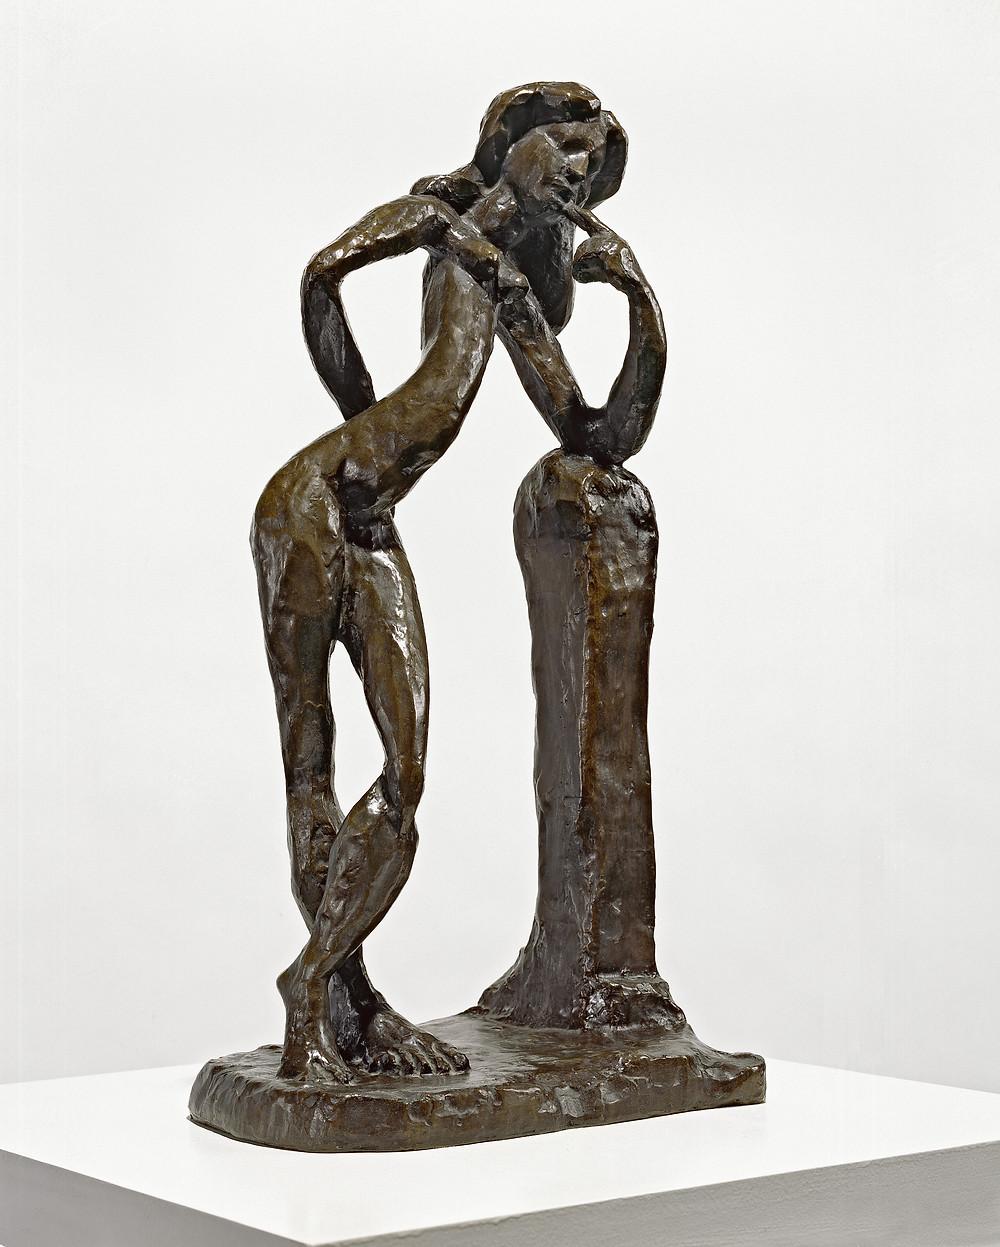 Henri Matisse, La Serpentine, 1909, bronze, H. 56, 5 cm Don de Mme Jean Matisse à l'État, 1978, pour dépôt au musée Matisse, Nice – Musée d'Orsay, Paris © Succession H. Matisse / Photo : François Fernandez.